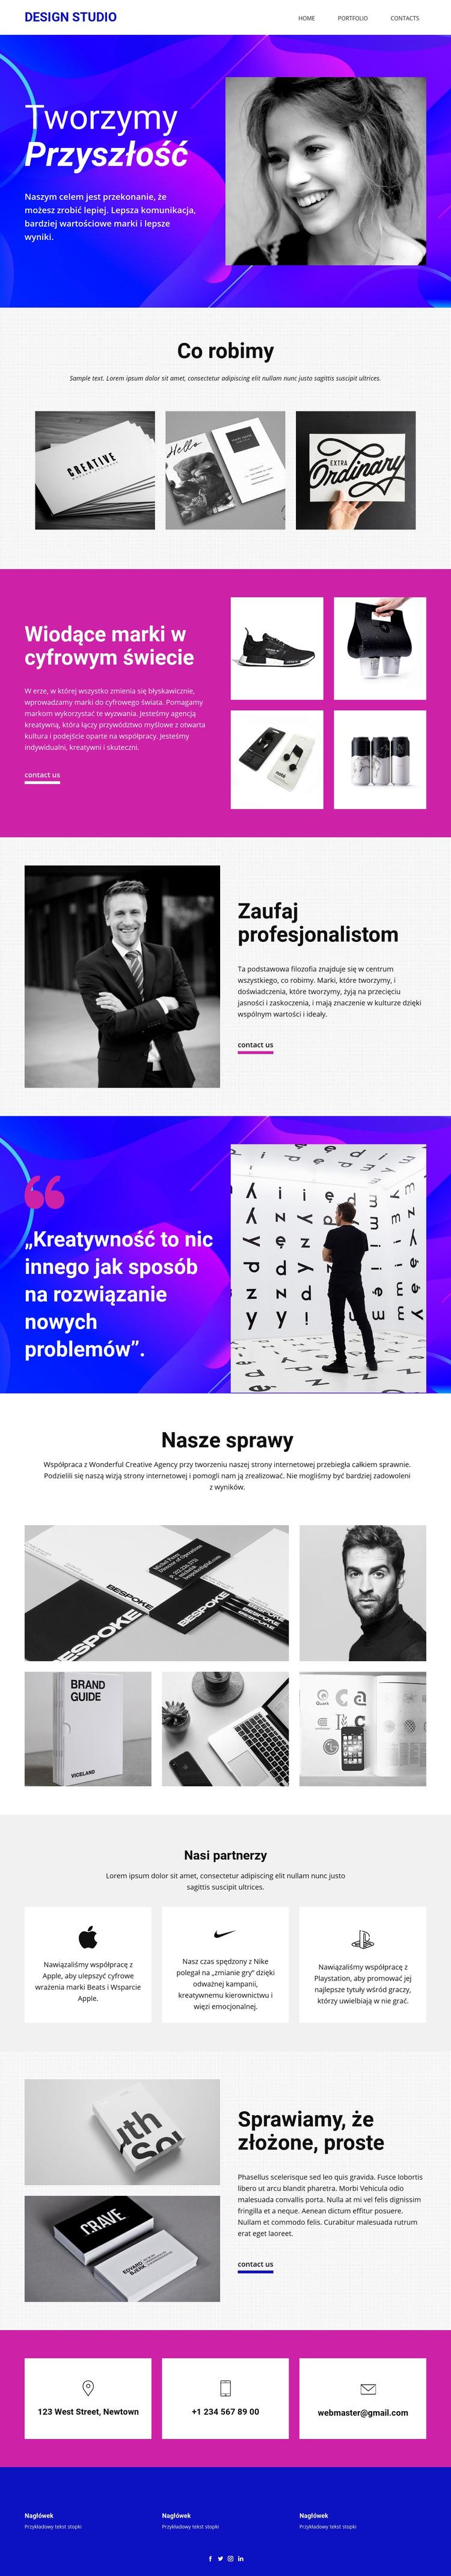 Sztuka i projektowanie progresywne Szablon witryny sieci Web